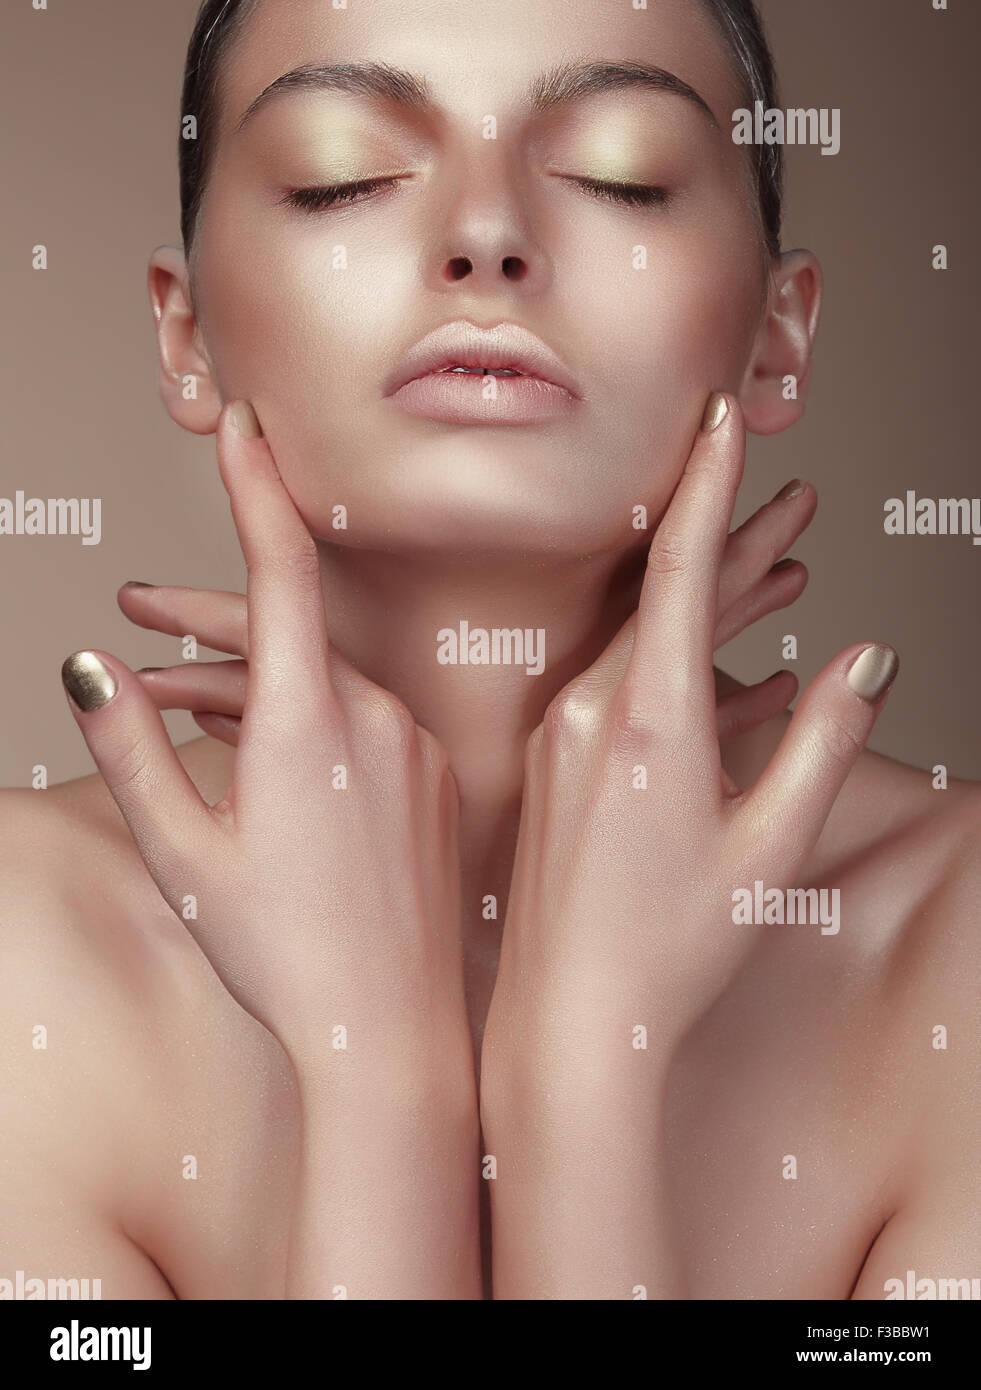 Portrait von junge nette Frau mit gebräunten Haut Stockbild